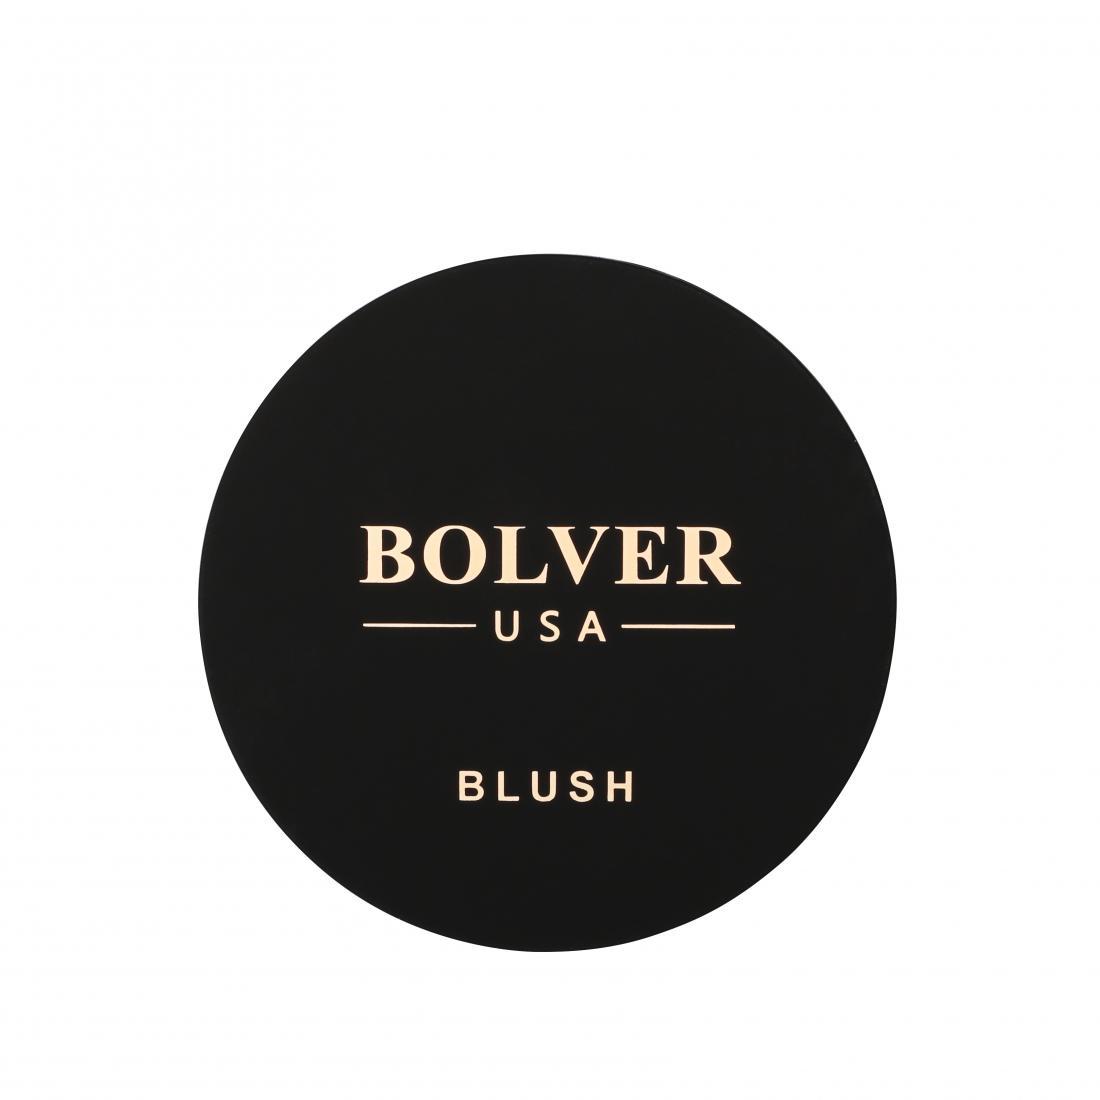 Bolver Blush 12